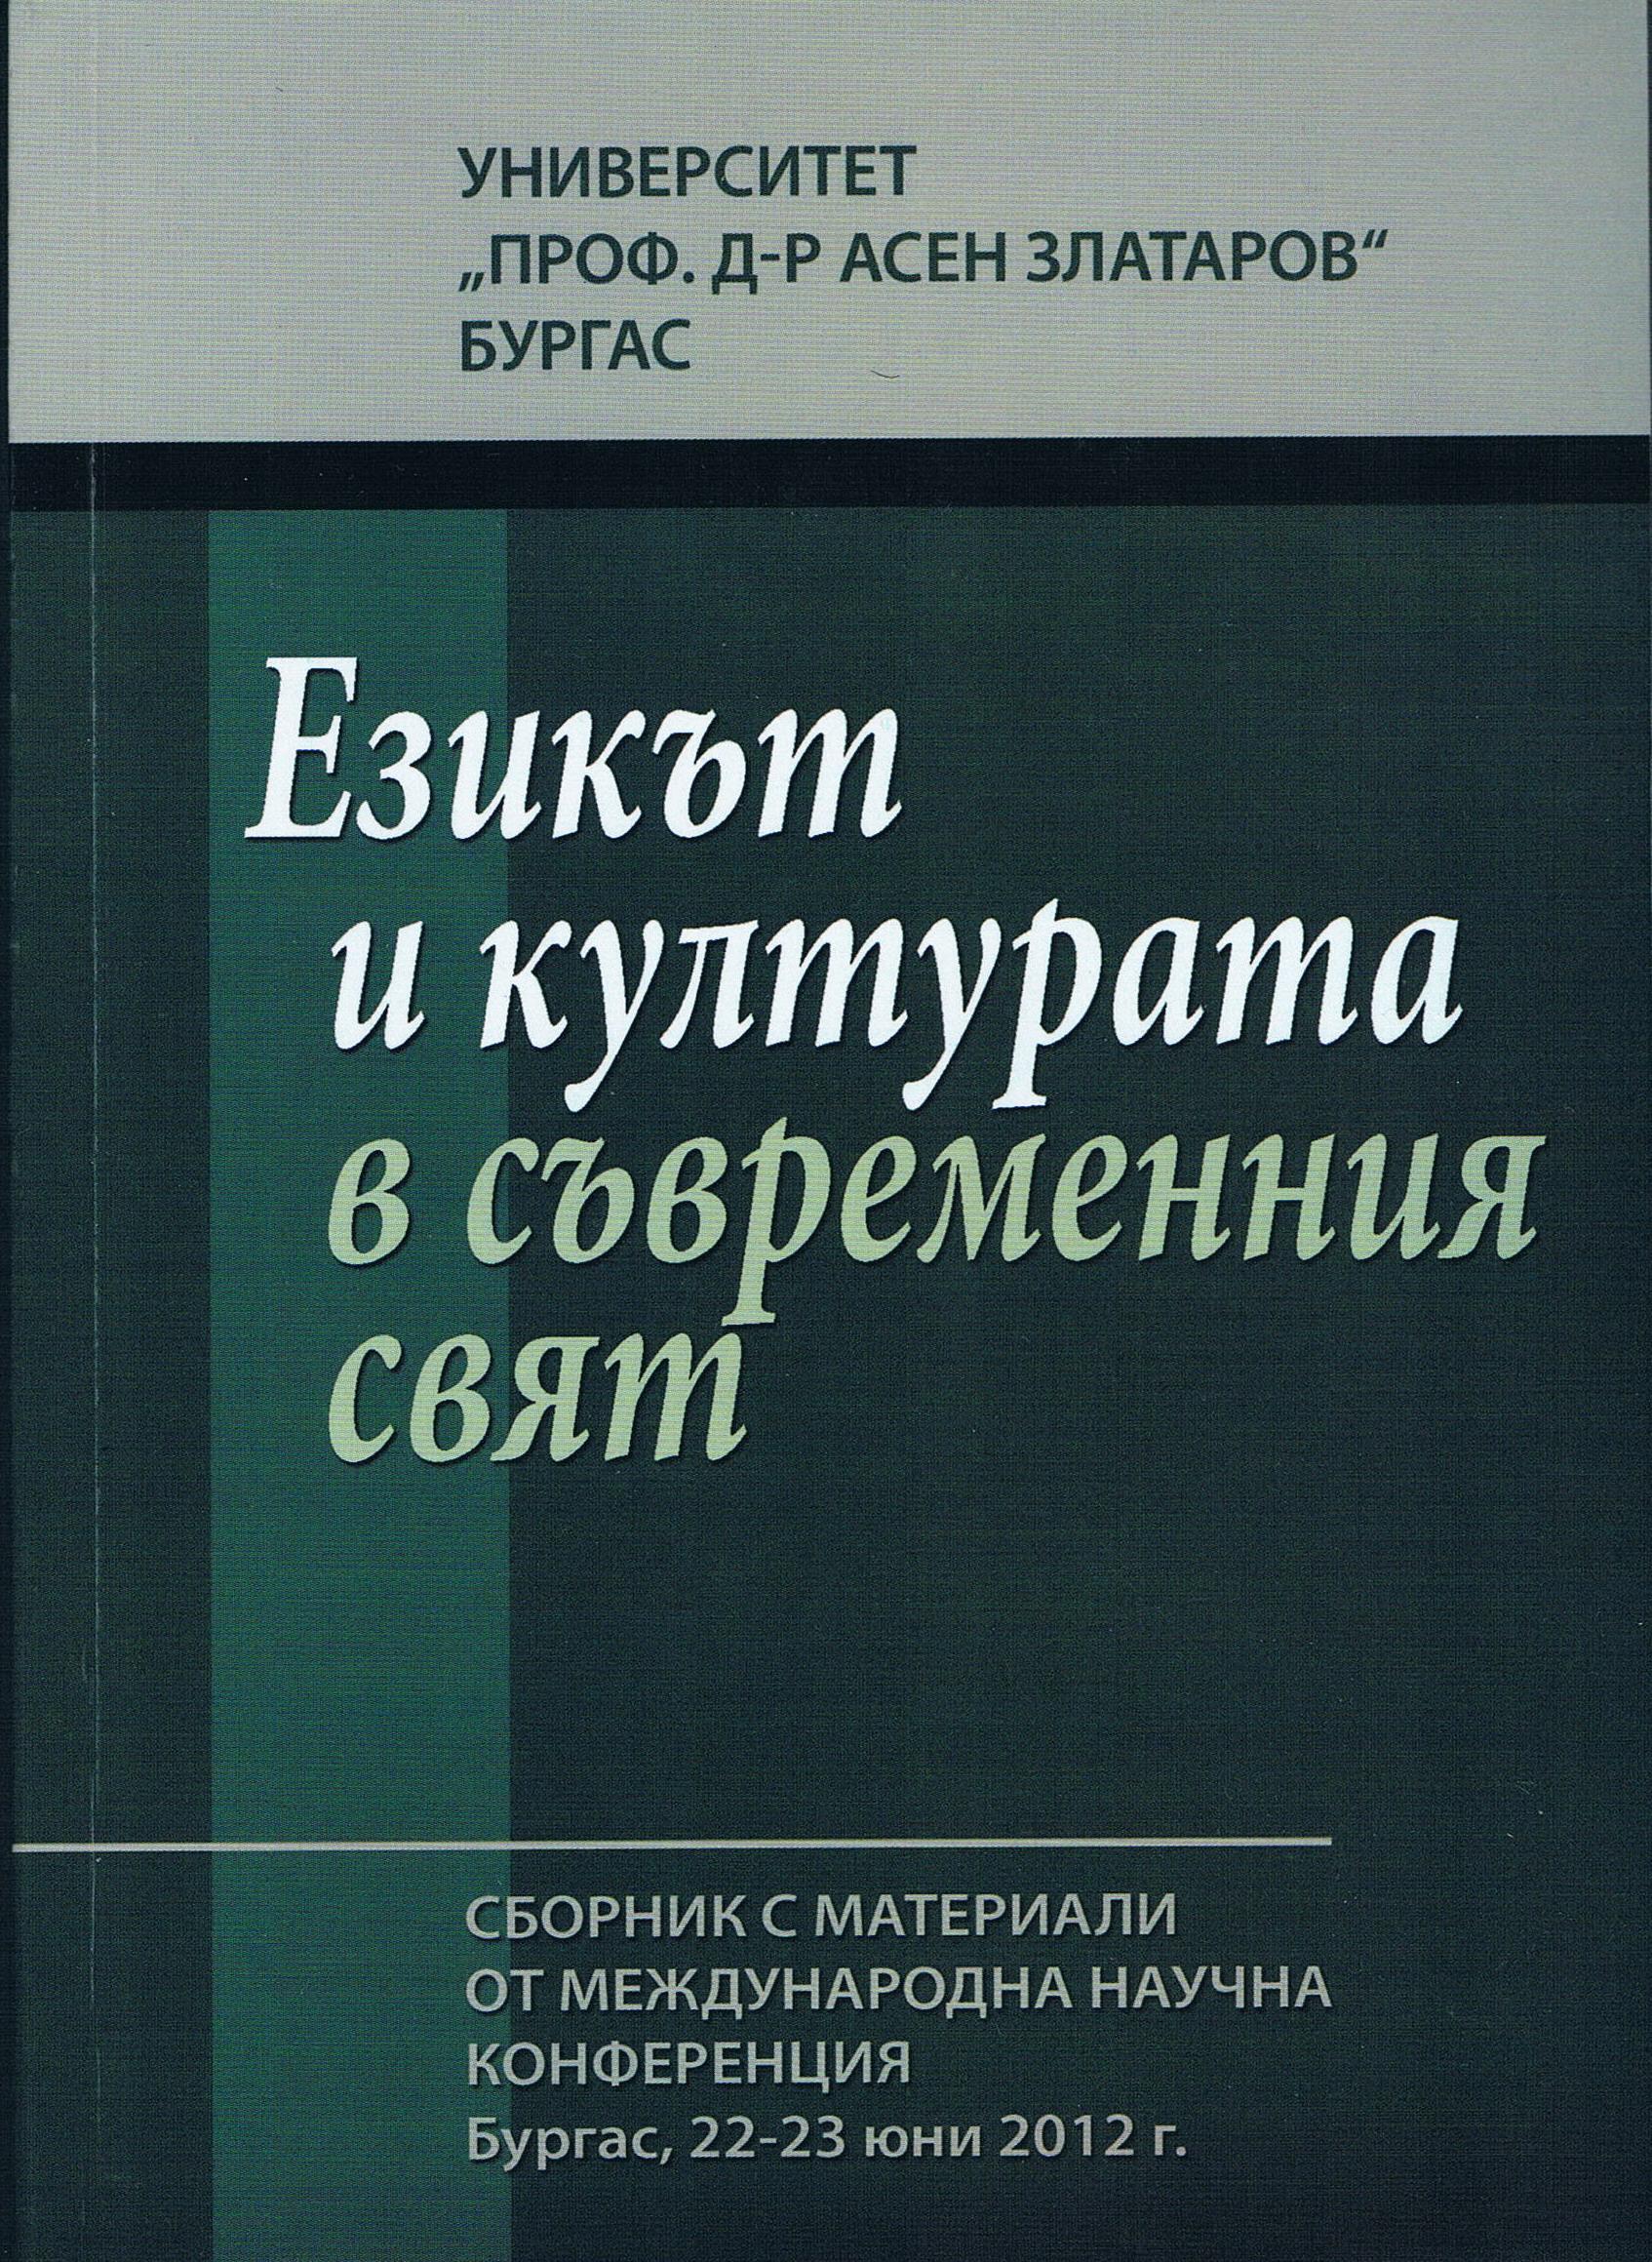 Национальный корпус русского языка: опыт использования материалов для электронного учебника по русскому языку как иностранному